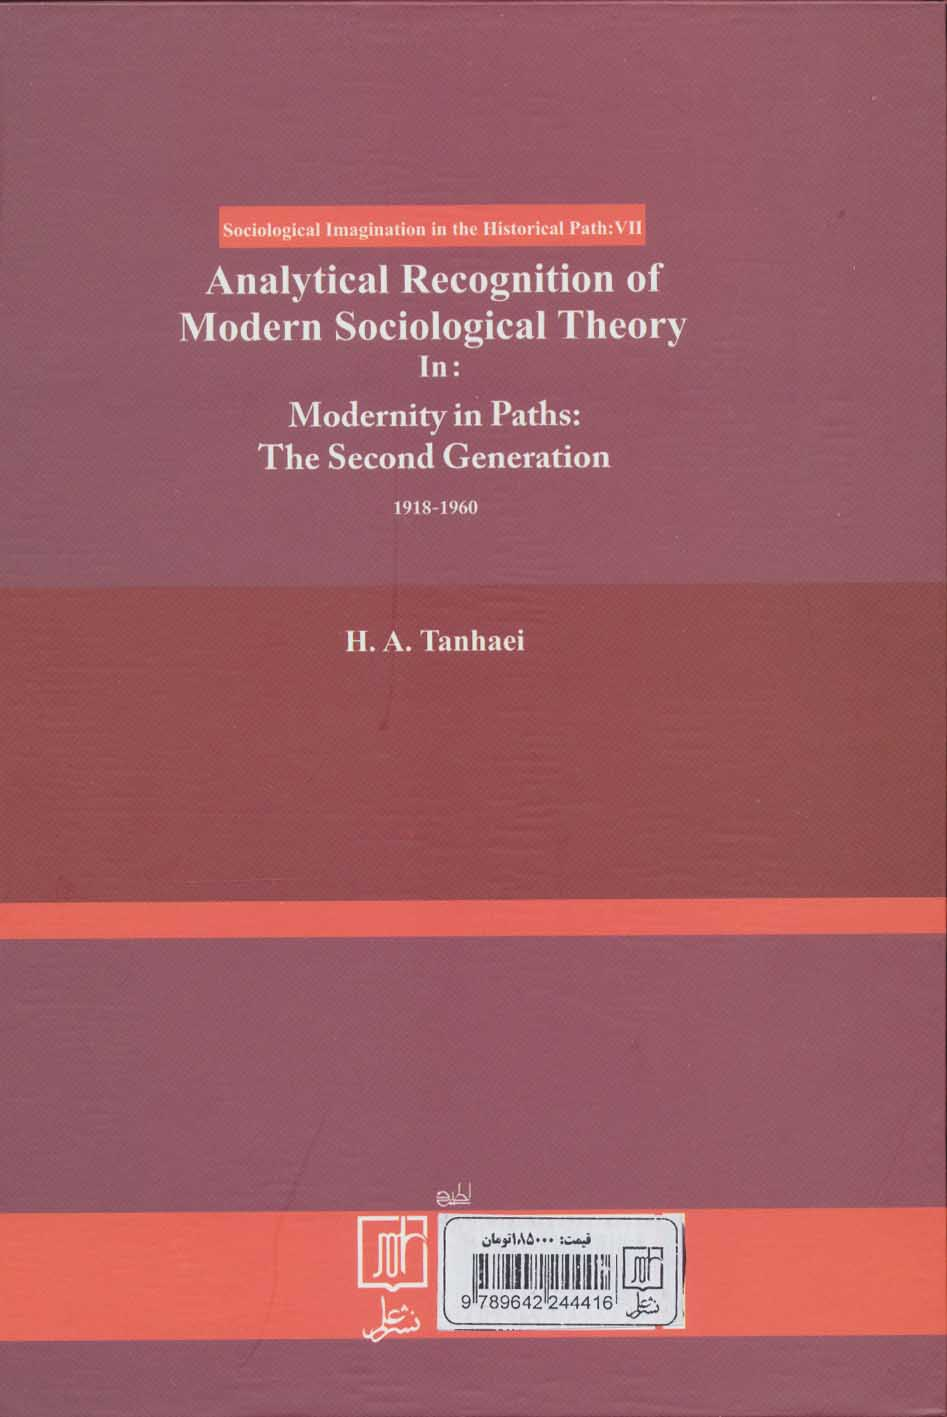 بازشناسی تحلیلی نظریه های مدرن جامعه شناسی مدرنیته ی در گذار:نسل دوم (1960-1918)